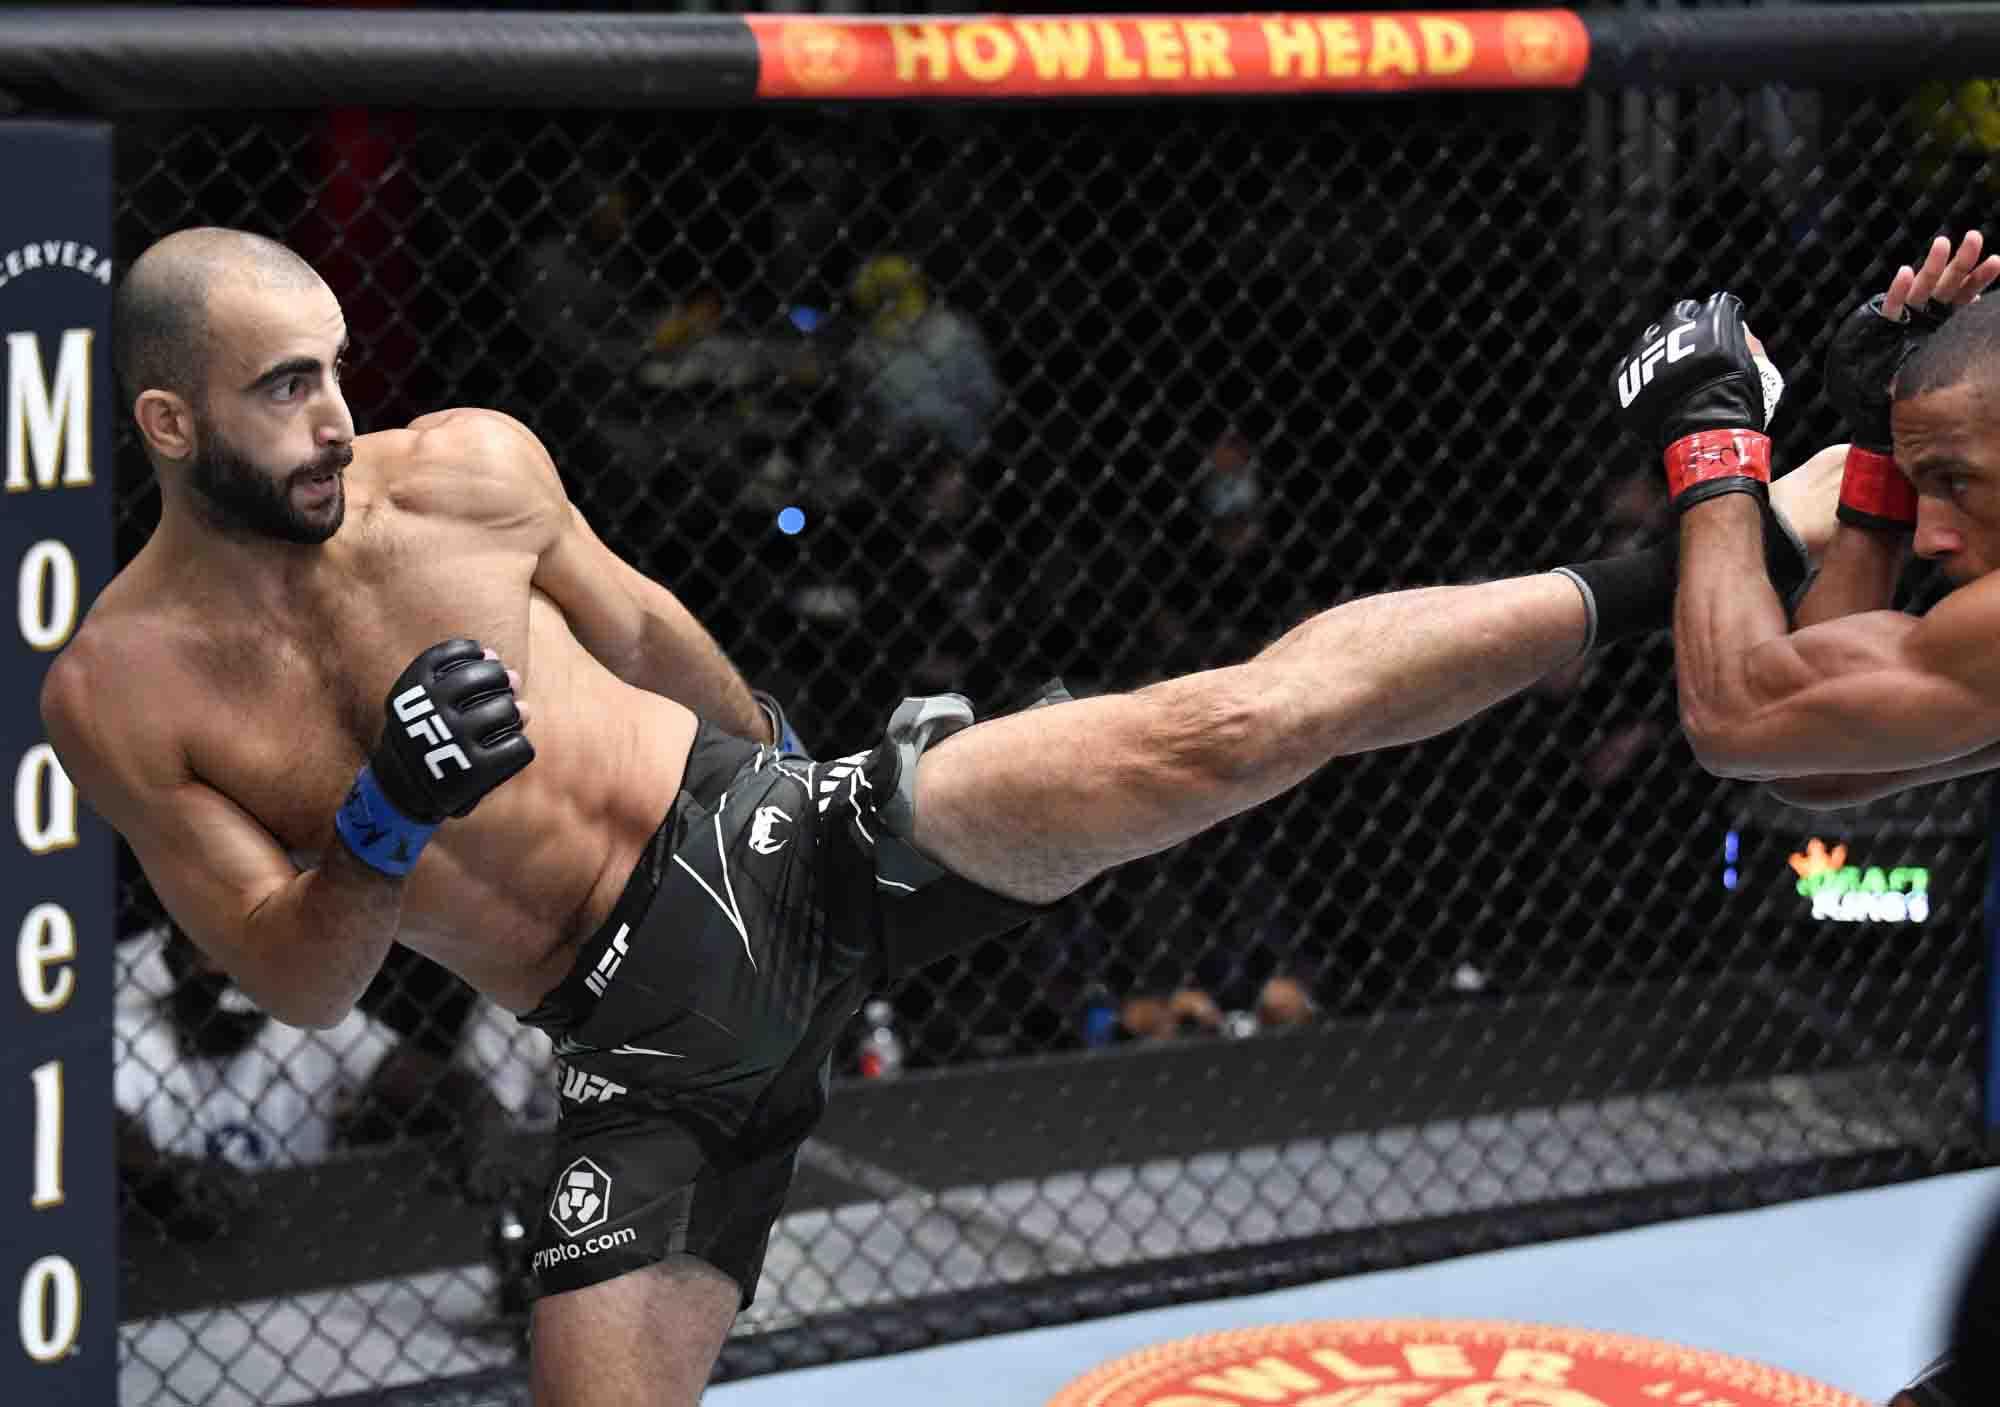 გიგა ჭიკაძე დაუმარცხებელია - ქართველმა უძლიერეს ბრაზილიელ მებრძოლს ნოკაუტით მოუგო #1TVSPORT